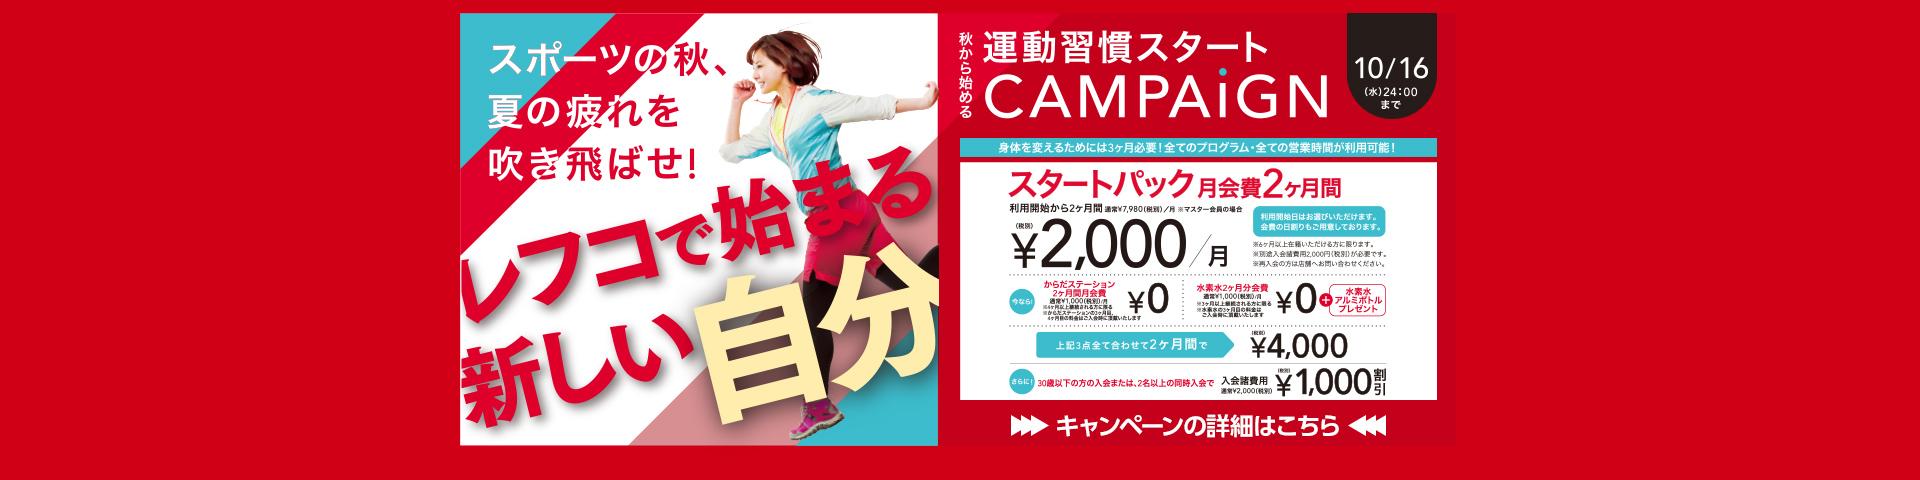 2019年10月キャンペーン(前半)